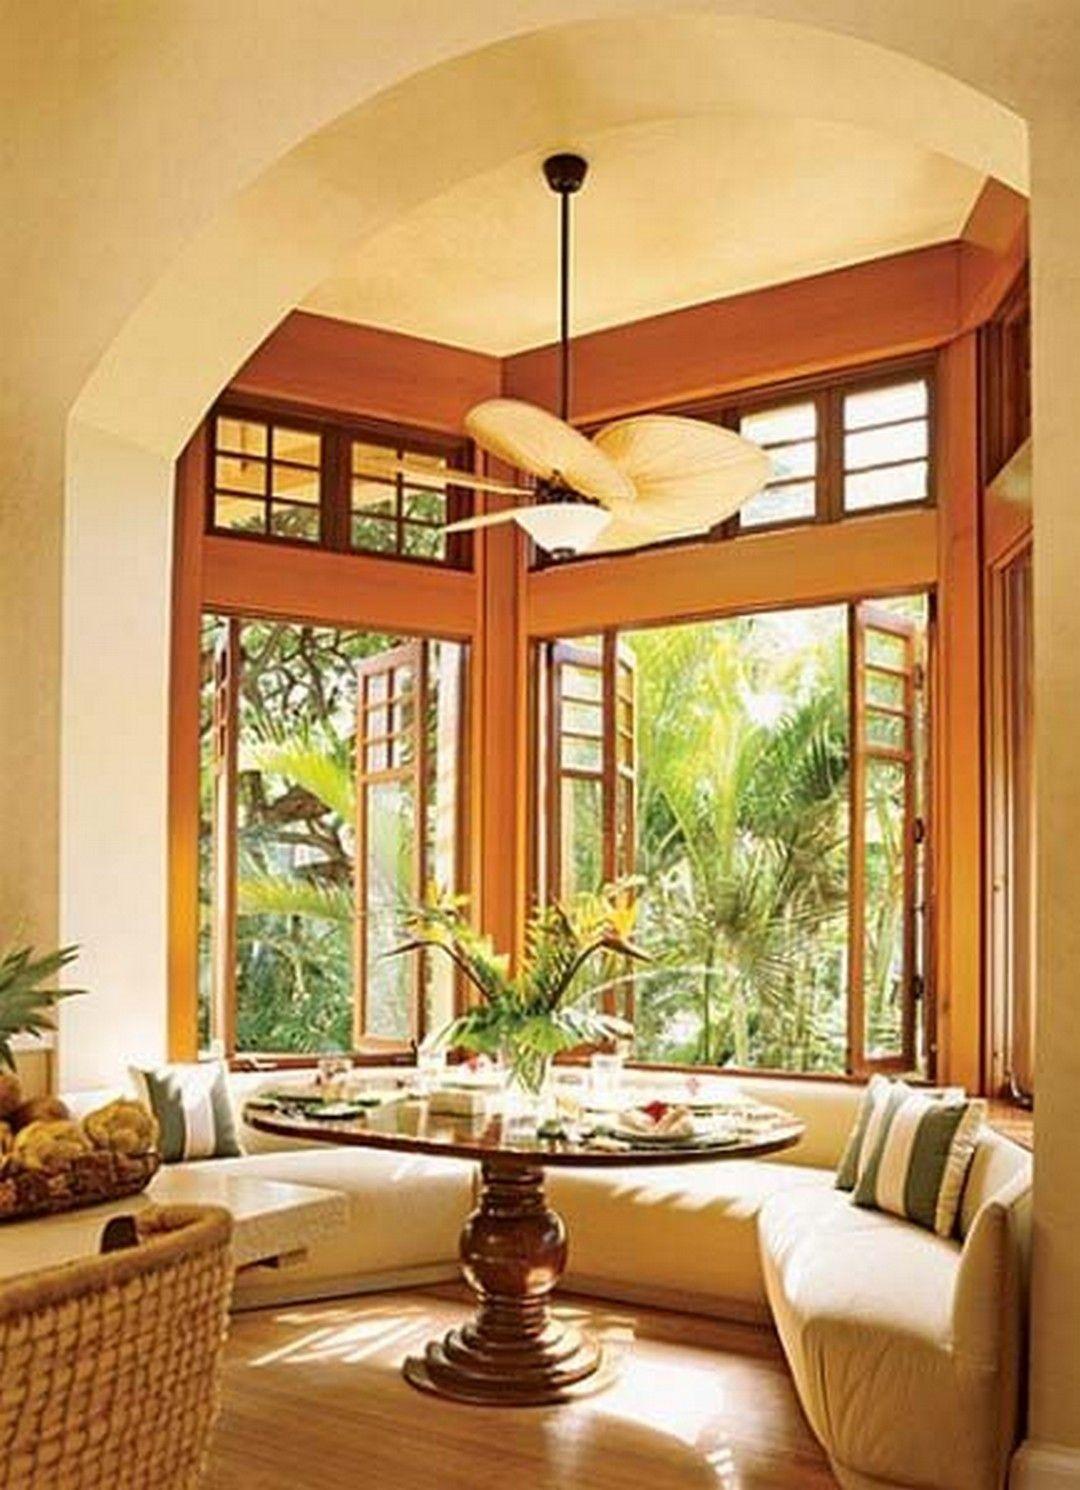 10 Ways of Maximizing House with These Hawaiian Home Decor Ideas ...